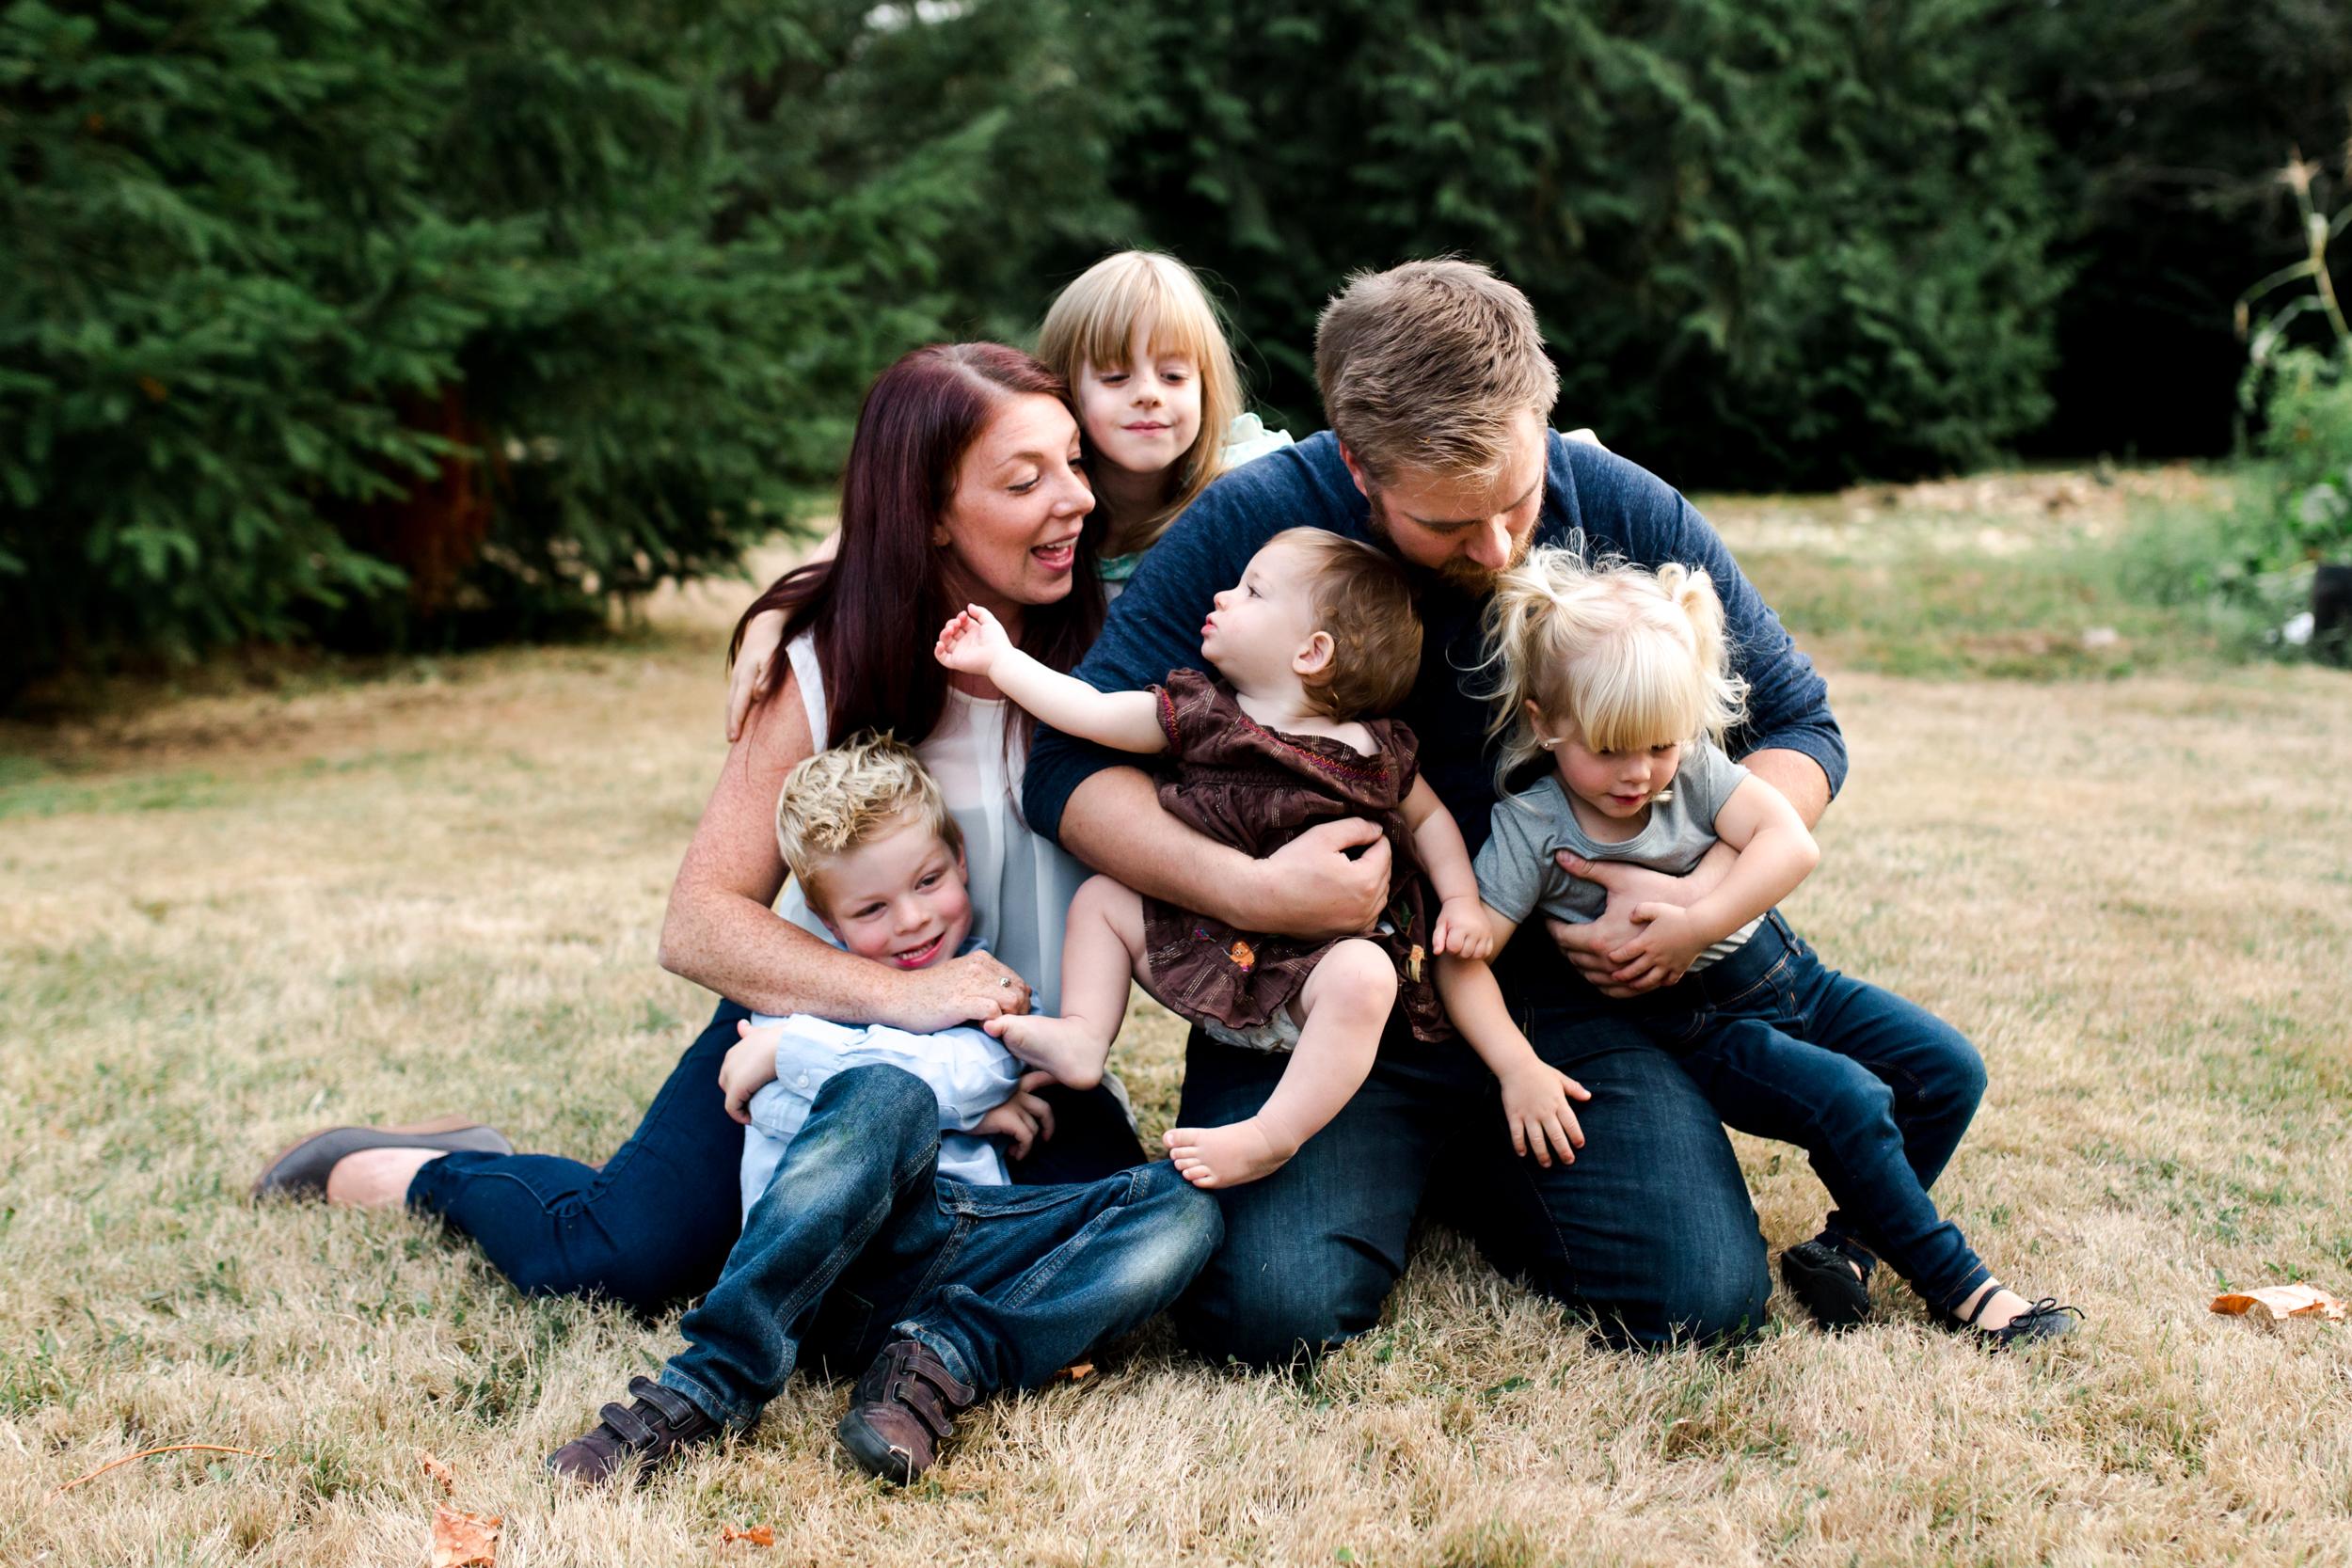 family-documentary-photography-fraser-valley-ott-031.jpg